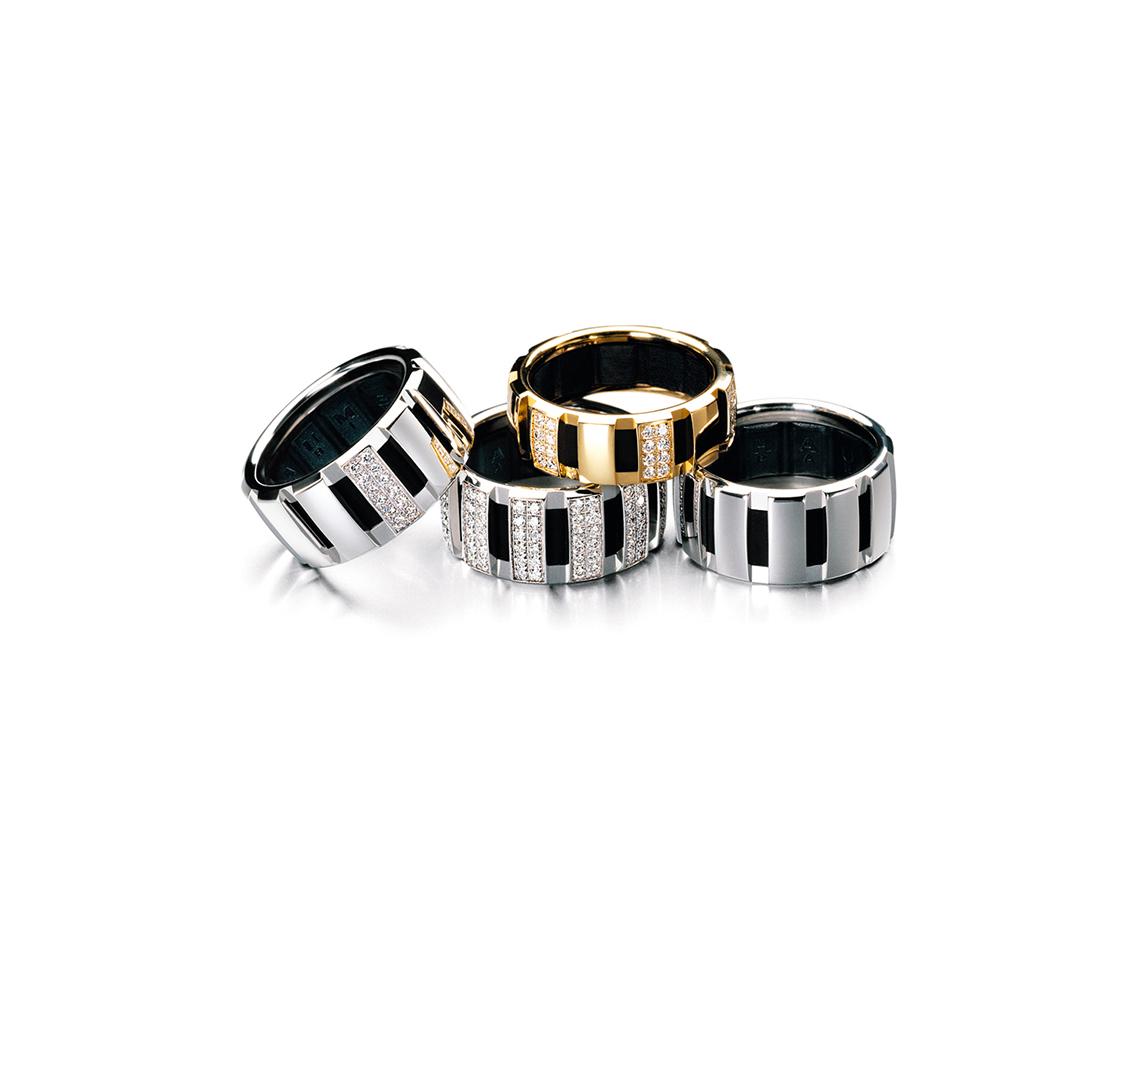 Chaumet : Class One Jewelery line